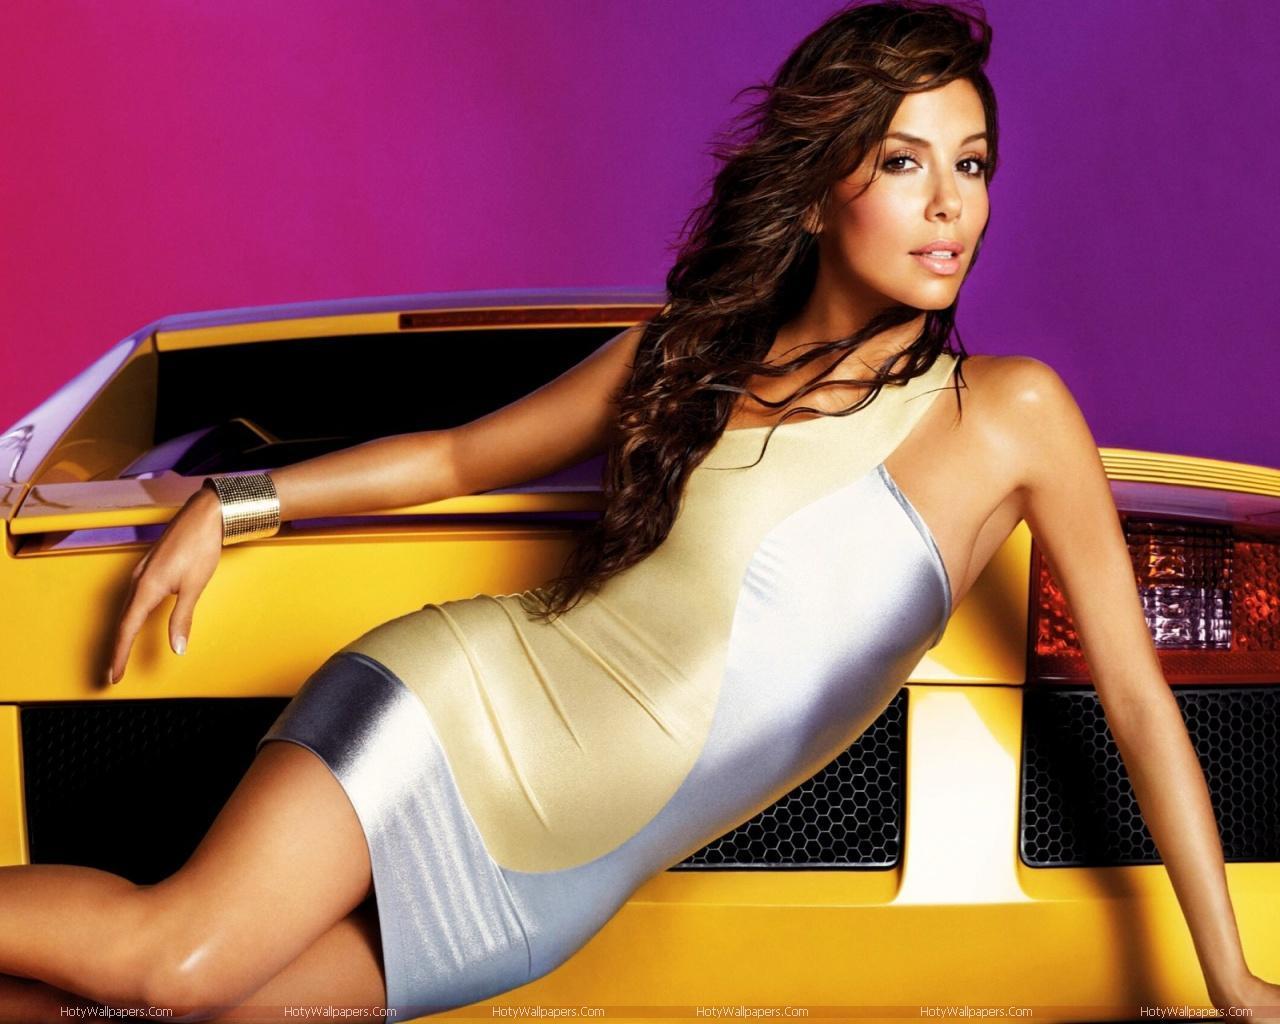 http://4.bp.blogspot.com/-qicFgQCfsi8/TliySwuamtI/AAAAAAAAJ7Q/qevqnfSkM74/s1600/Eva_Longoria_hollywood-actress.jpg